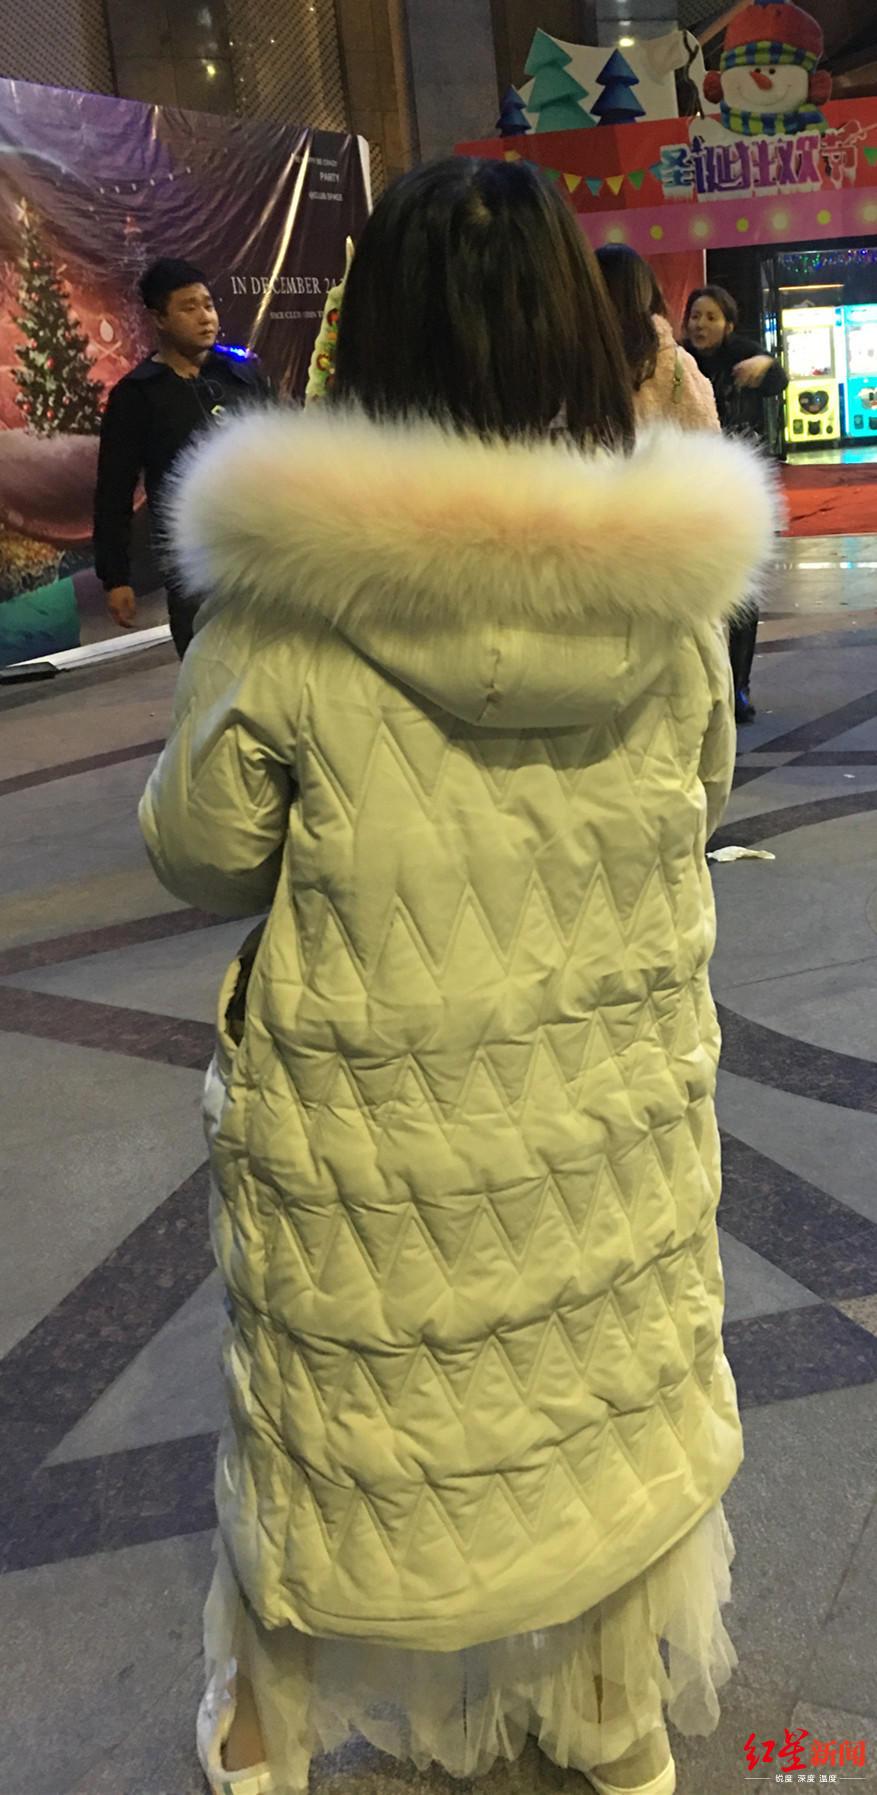 羅某京在夜市買了新衣服后,將其穿上。